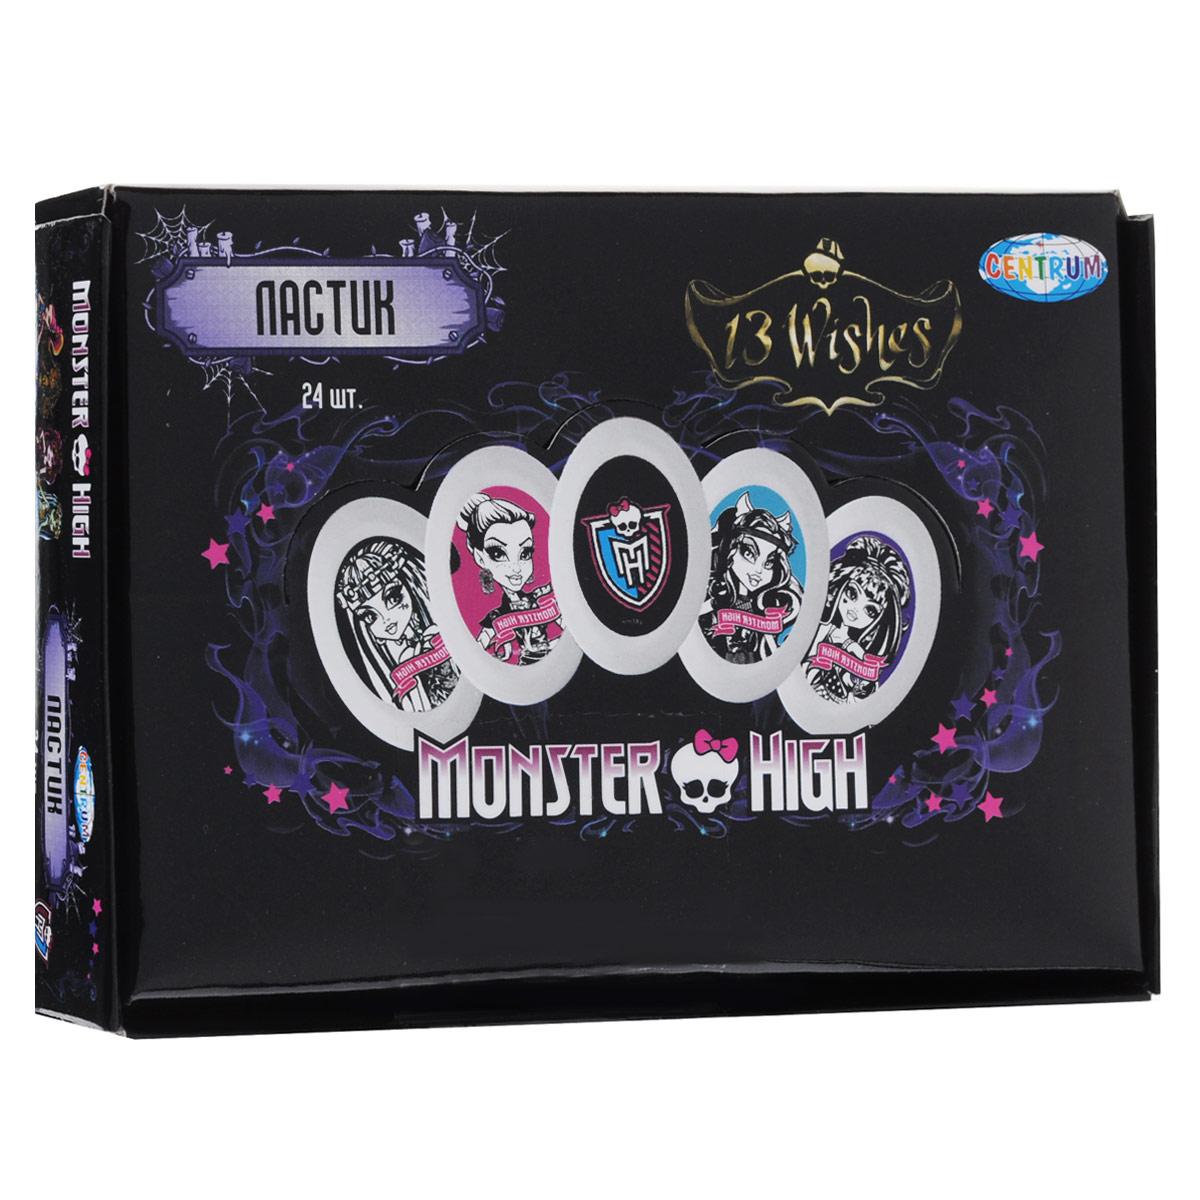 Набор ластиков Monster High, 24 шт72523WDЛастики из набора Monster High предназначены для стирания карандашей с бумаги различной плотности.Овальные ластики выполнены из синтетического каучука белого цвета. Каждый ластик оформлен изображением одного из персонажей популярного мультсериала Monster High (Школа Монстров).В наборе 24 ластика, упакованных в отдельные пакеты.